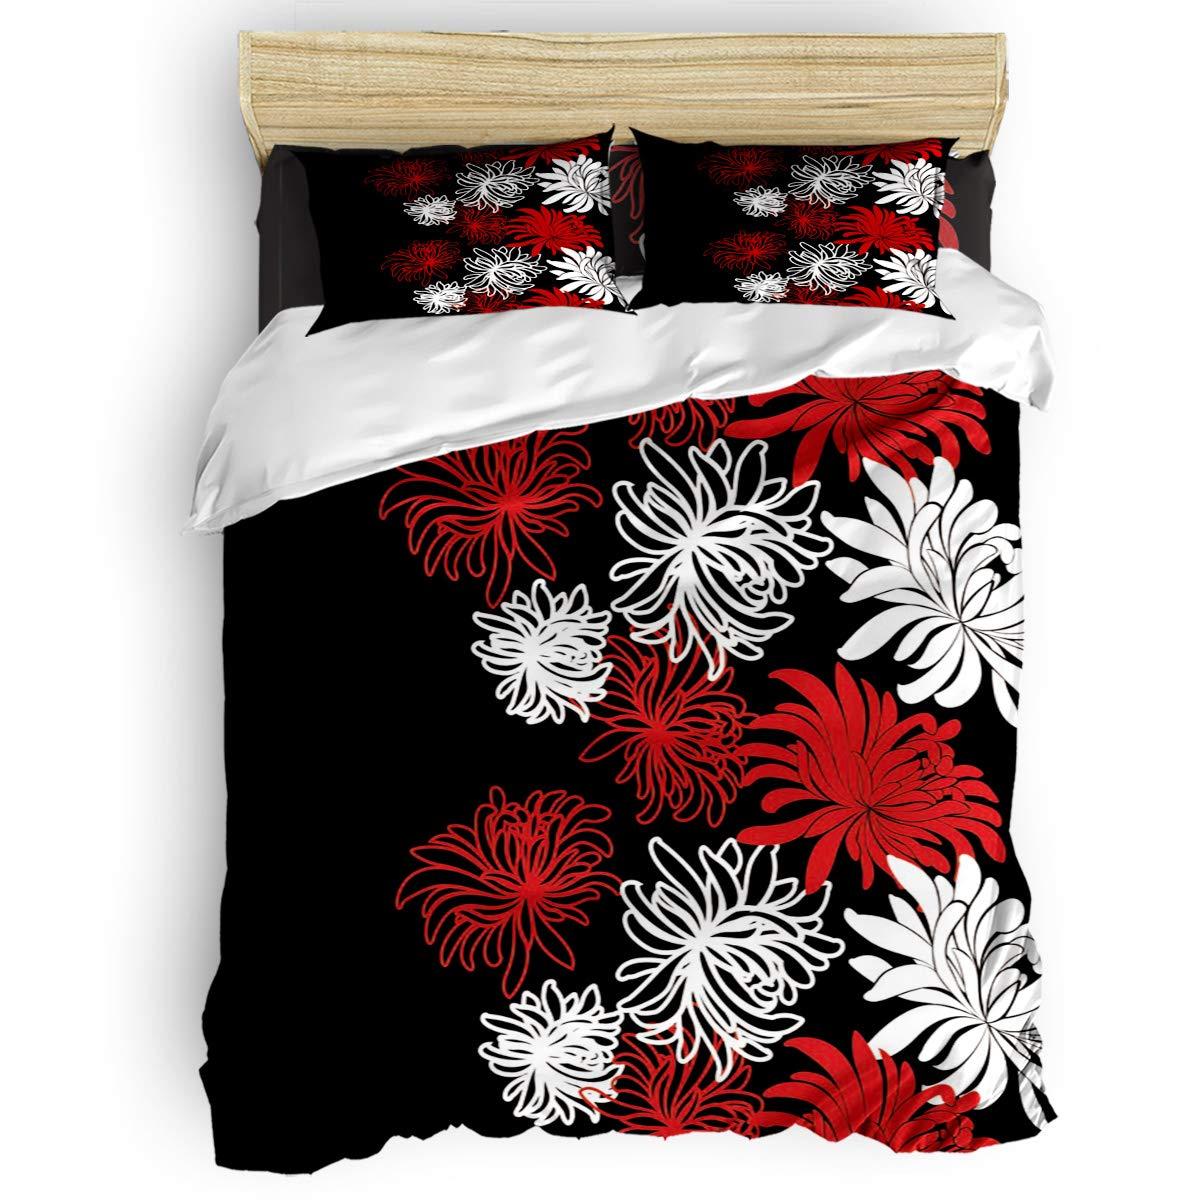 掛け布団カバー 4点セット 抽象 かもめビーチ 海 油絵デザイン 寝具カバーセット ベッド用 べッドシーツ 枕カバー 洋式 和式兼用 布団カバー 肌に優しい 羽毛布団セット 100%ポリエステル セミダブル B07TGB8VPB Flower47LAS1353 セミダブル